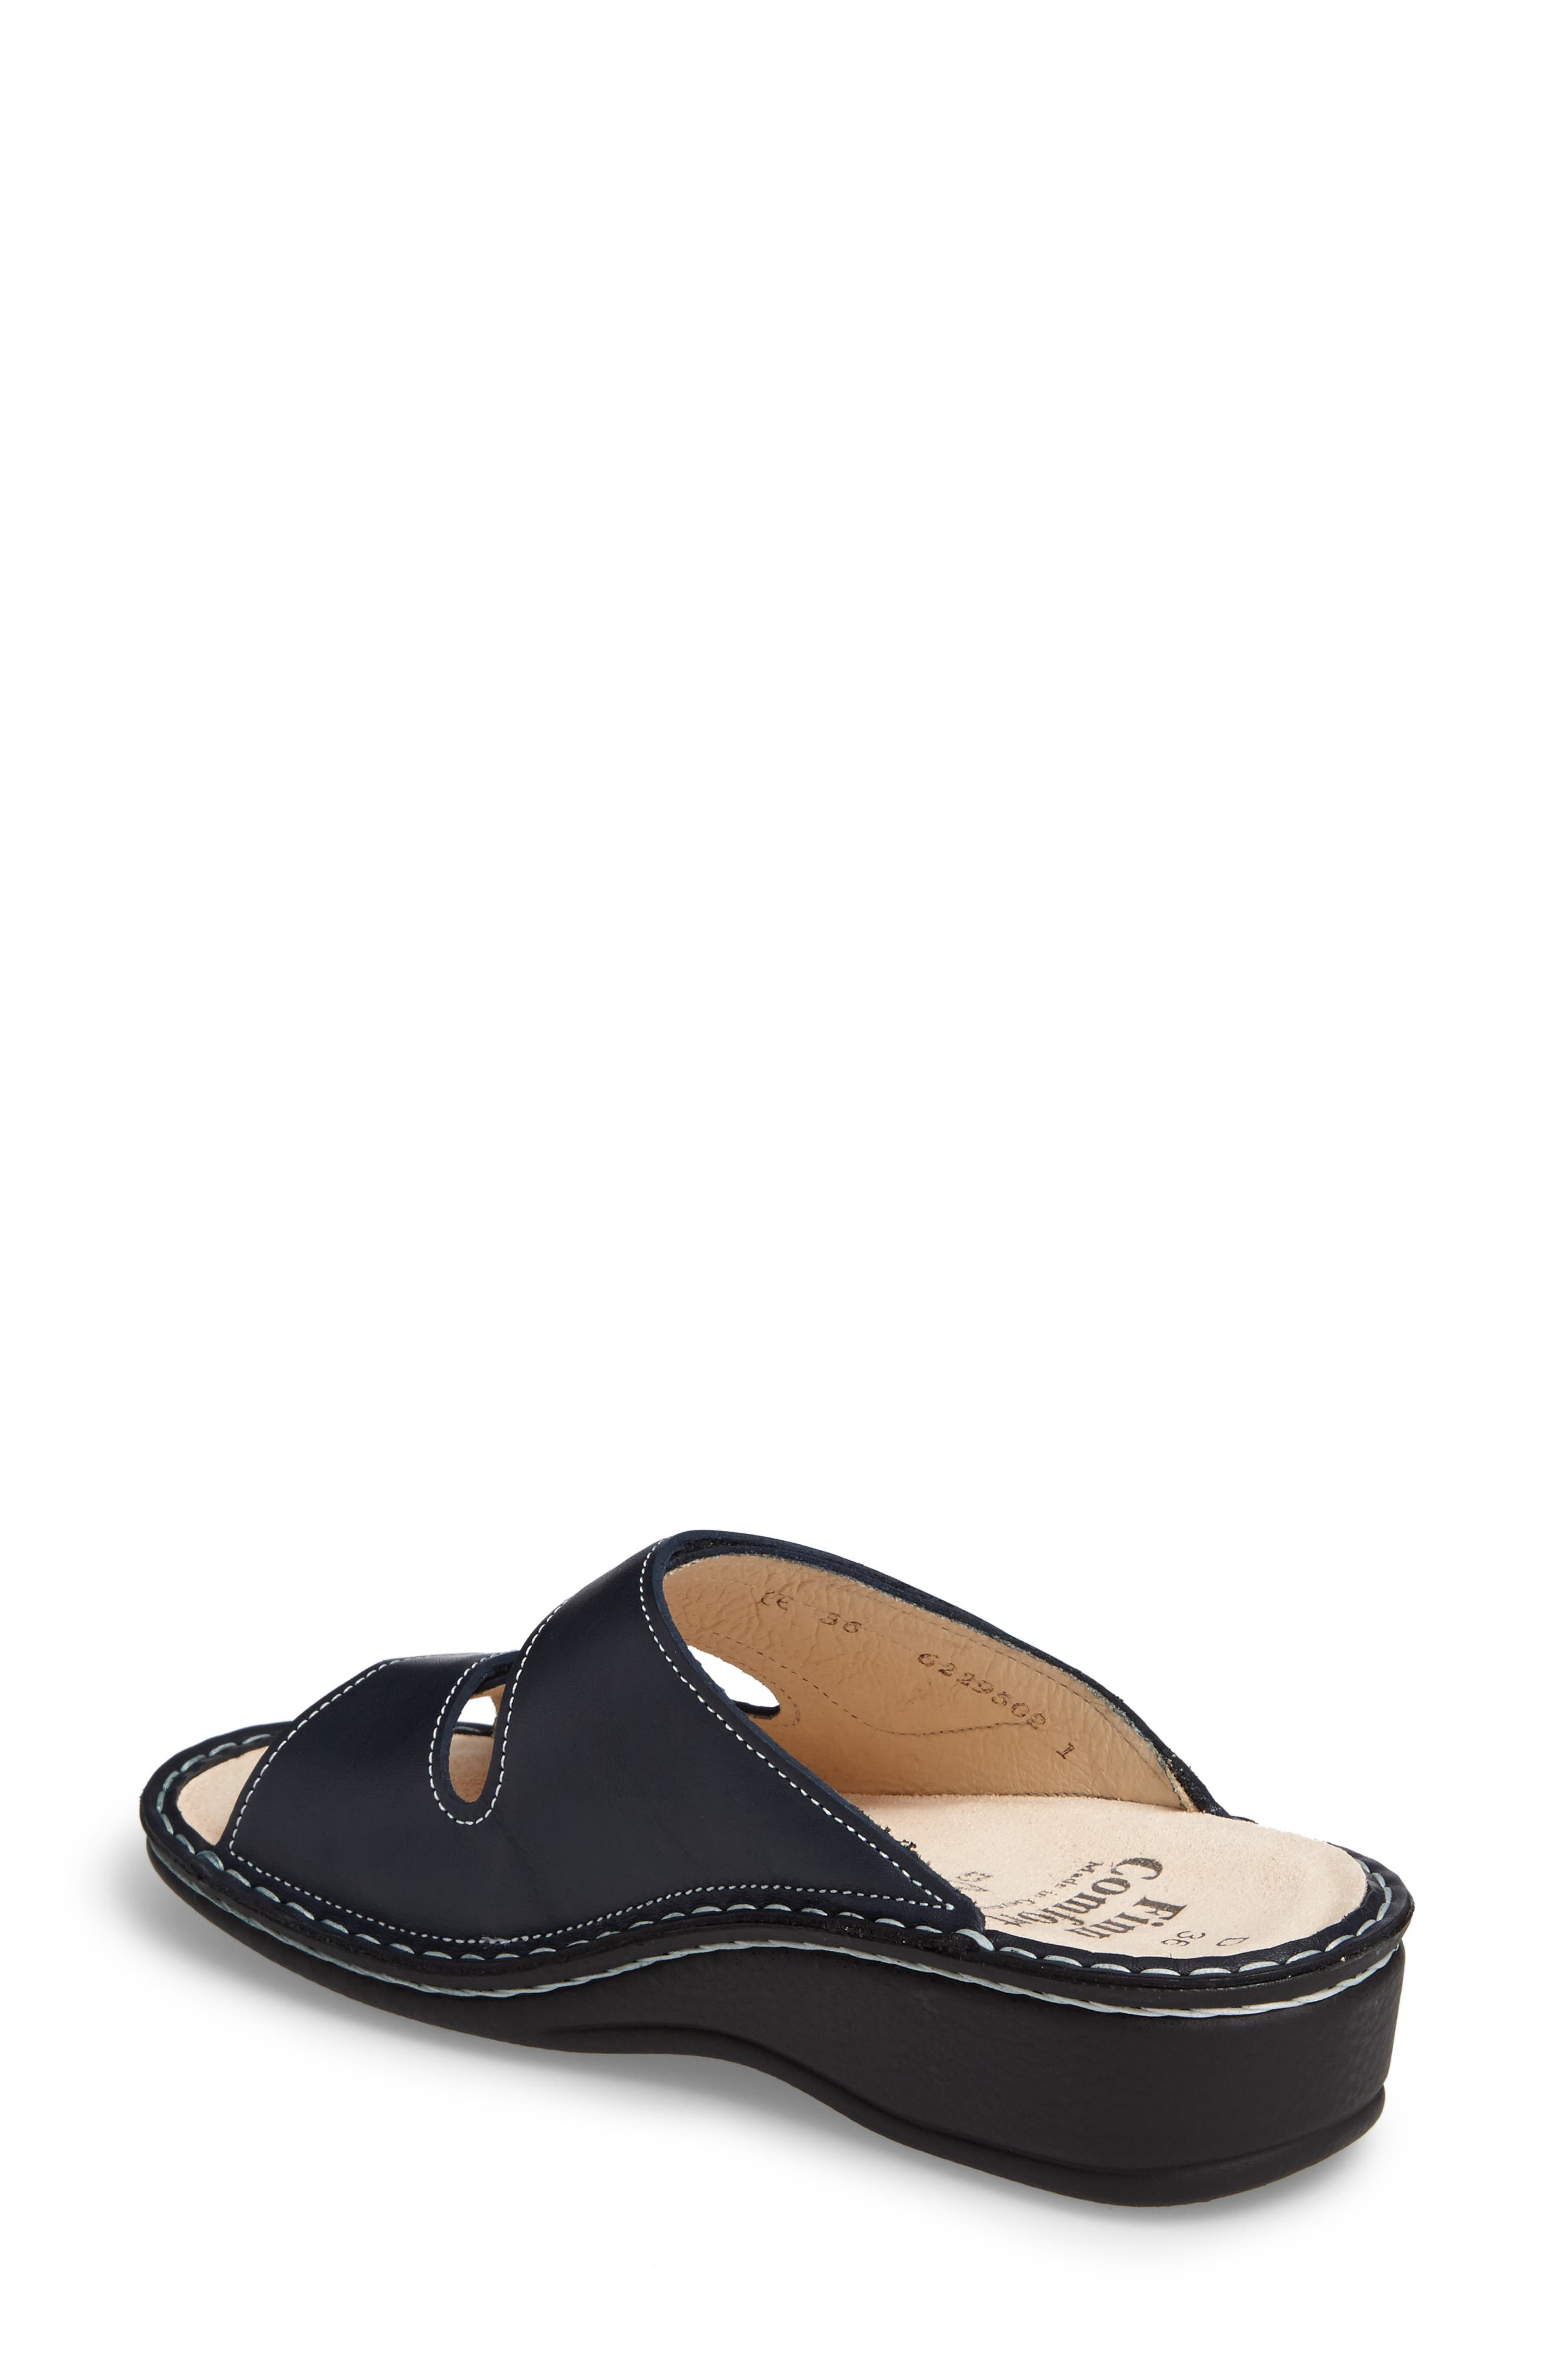 Alternate Image 2  - Finn Comfort 'Jamaica' Sandal (Online Only)